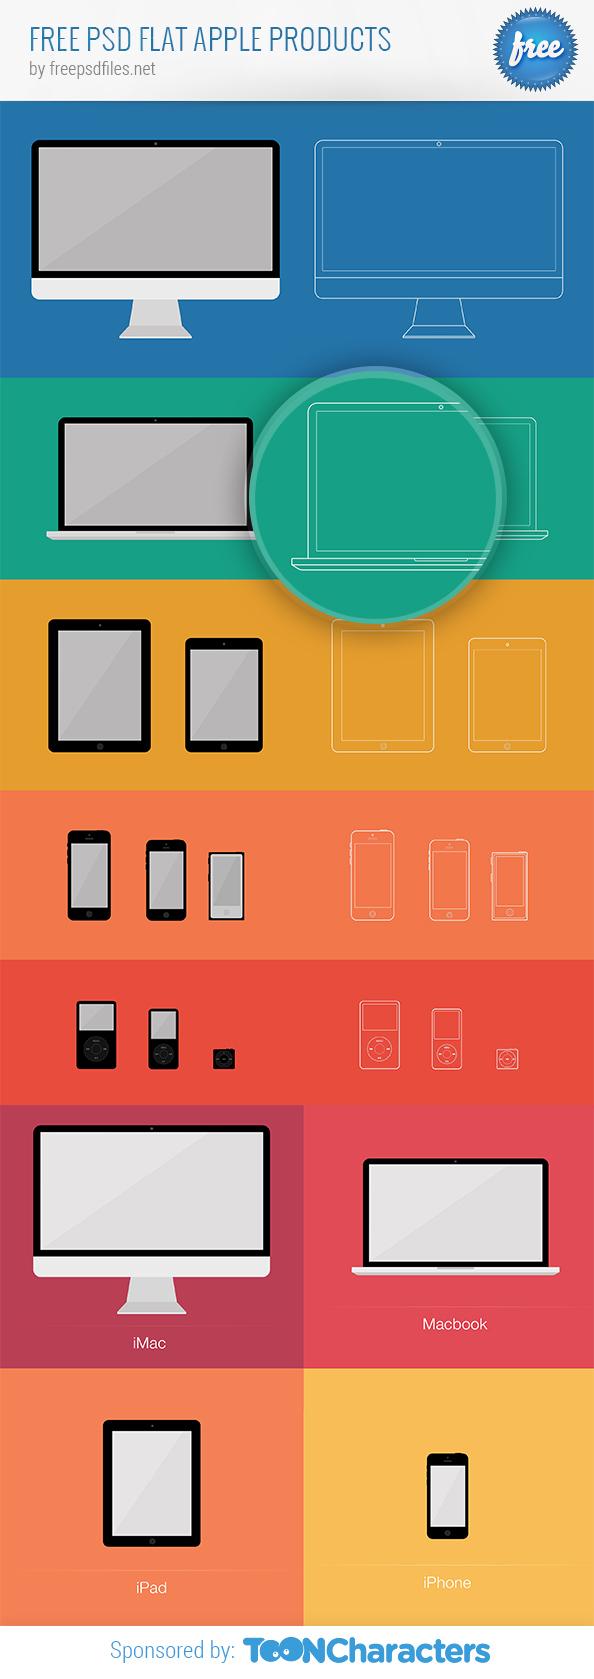 Бесплатные плоские макеты продуктов Apple в PSD